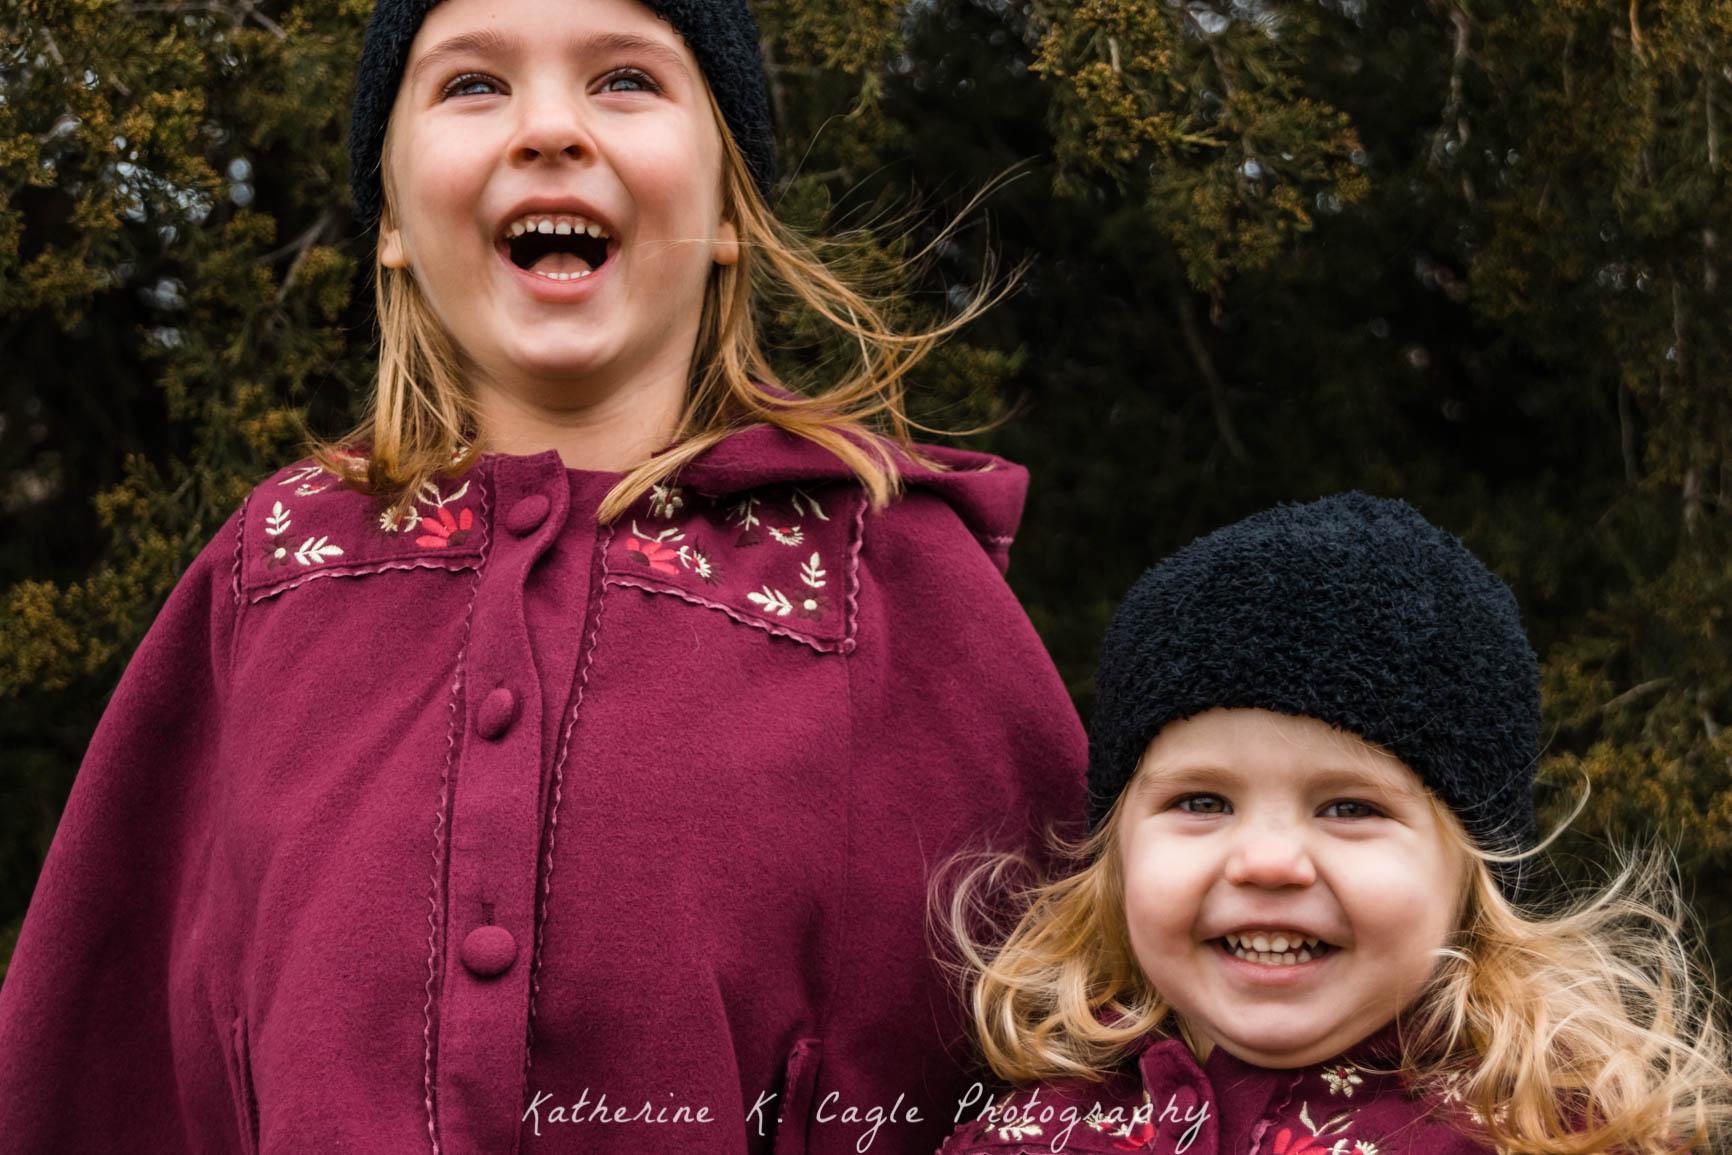 KatherineK.Cagle-Marshall-3.jpg